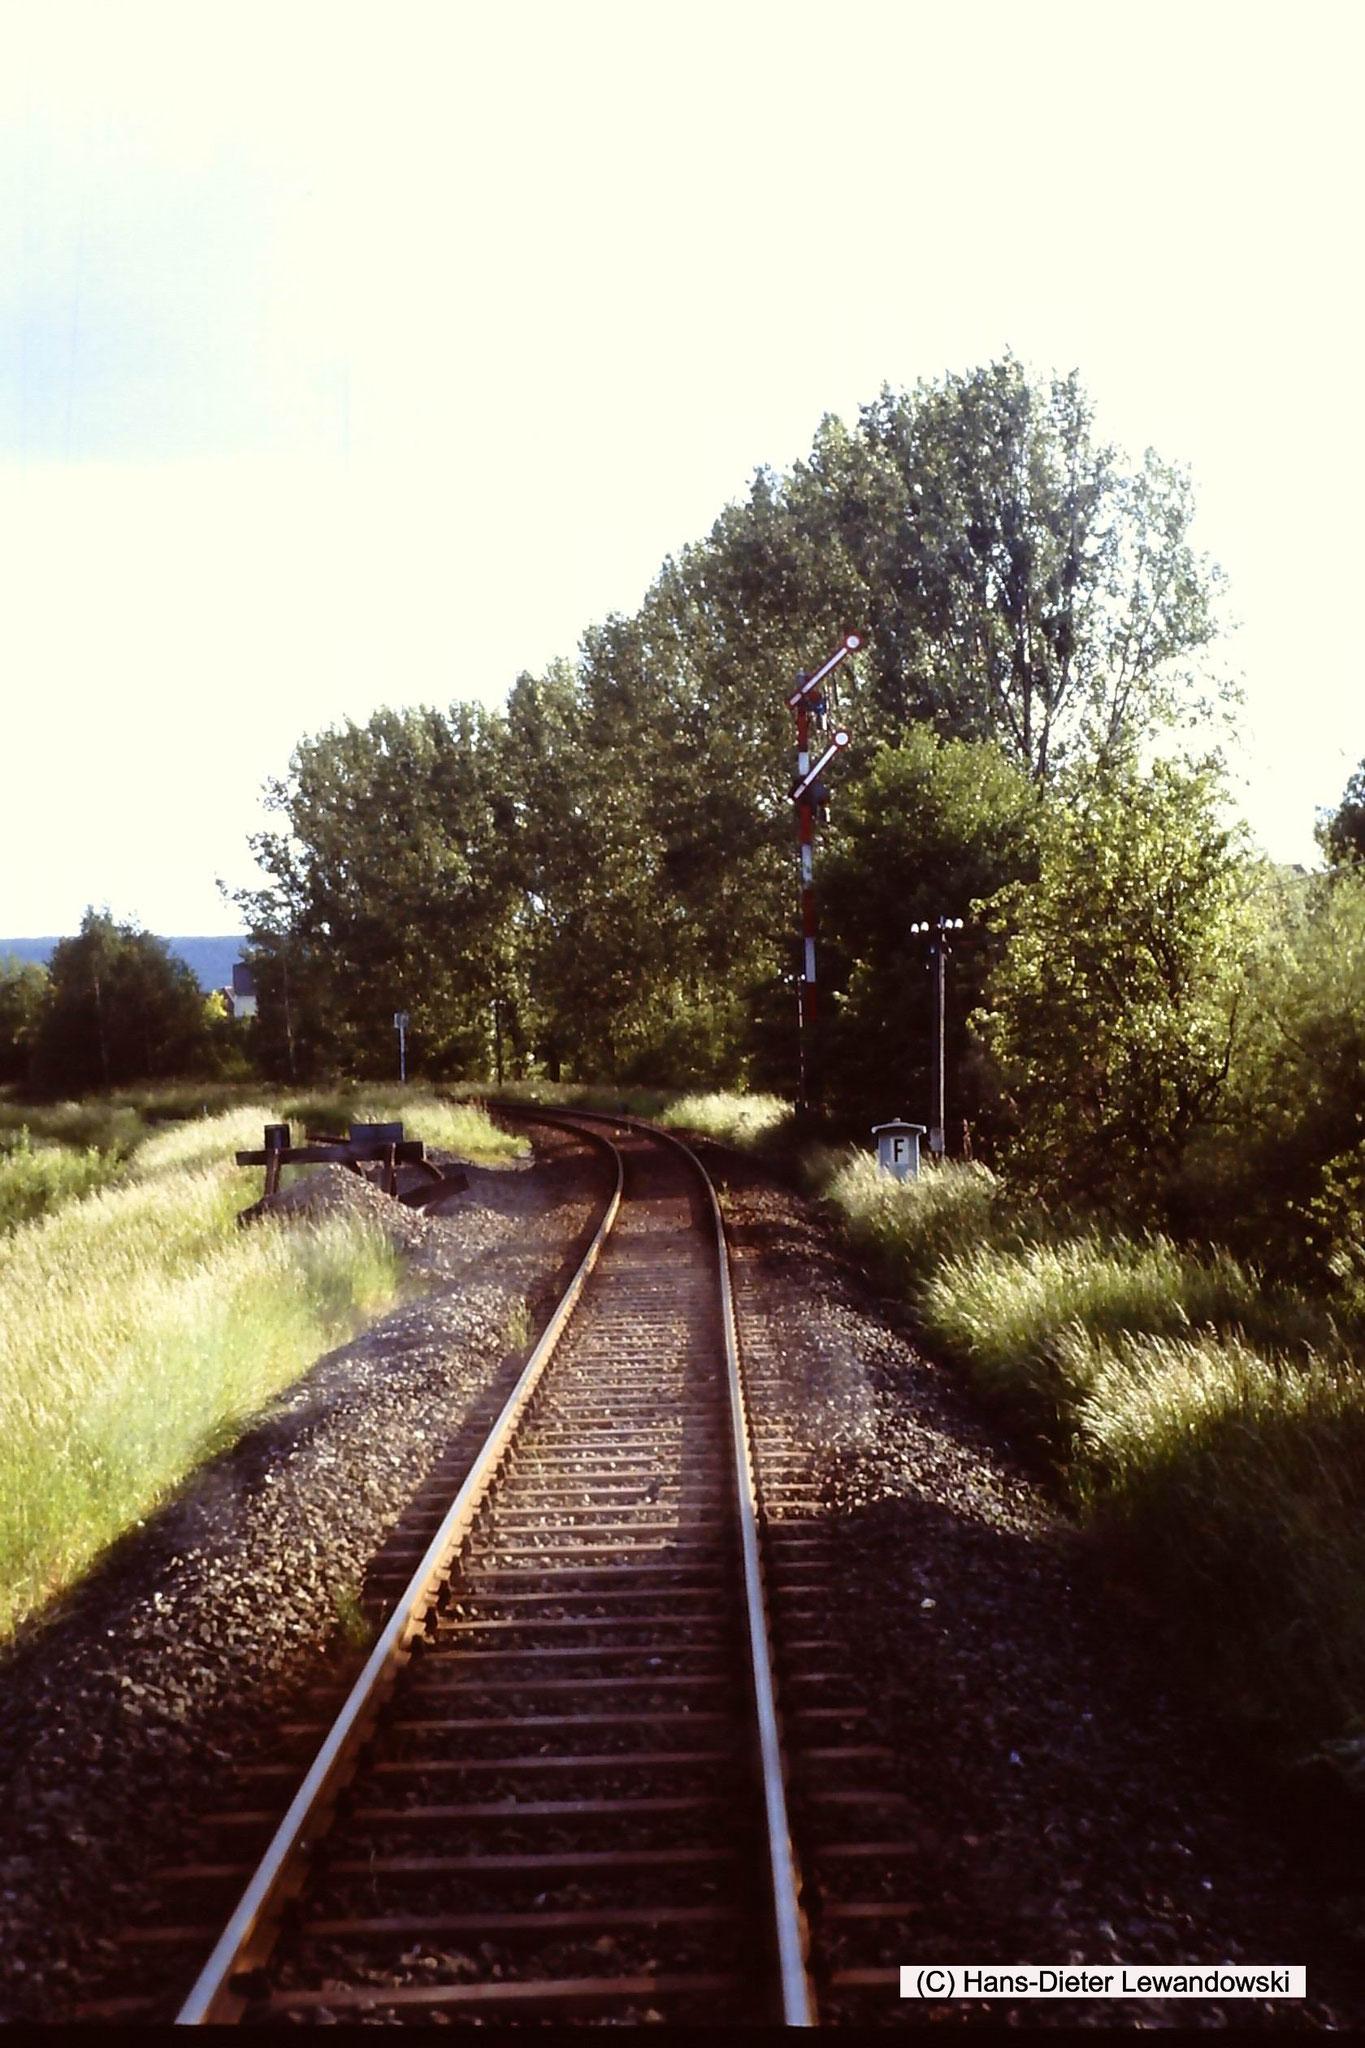 Einfahrt Bahnhof Bockenem oder Grossrhüden, ersichtlich durch das linke Gleis Richtung ehemalige Zuckerfabrik ???